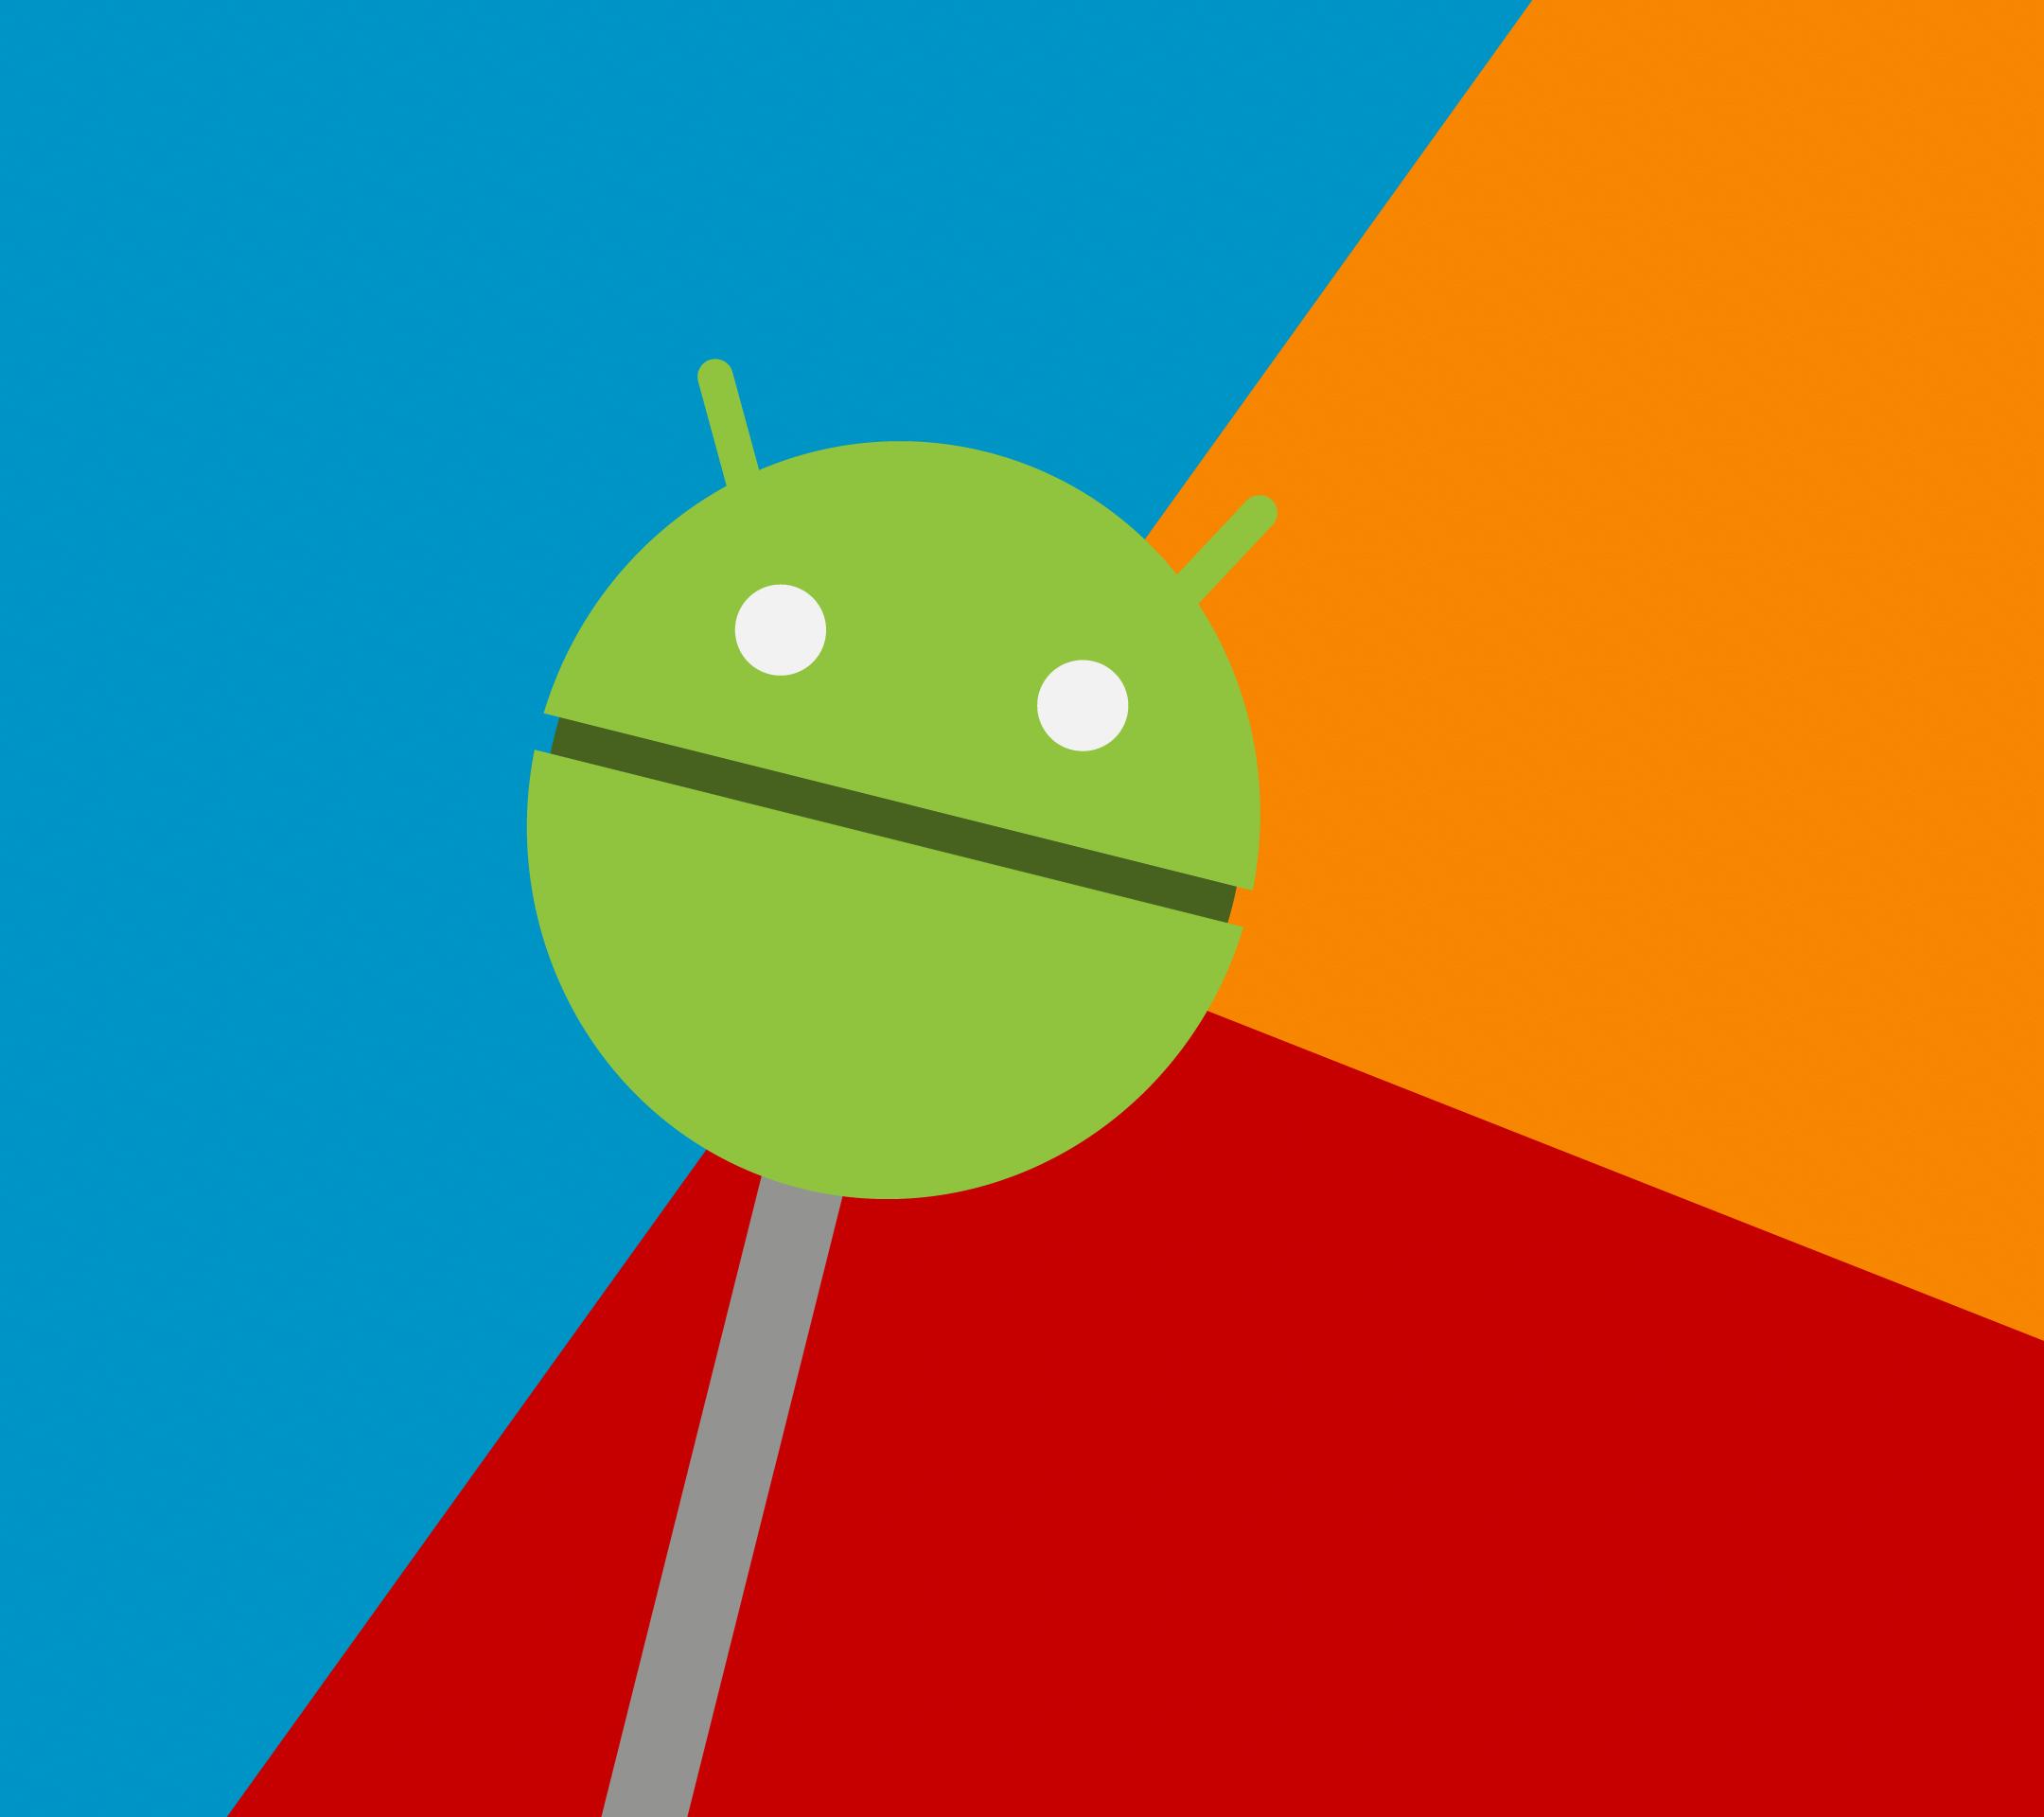 Come scaricare Gapps Lollipop per tutte le ROM 1